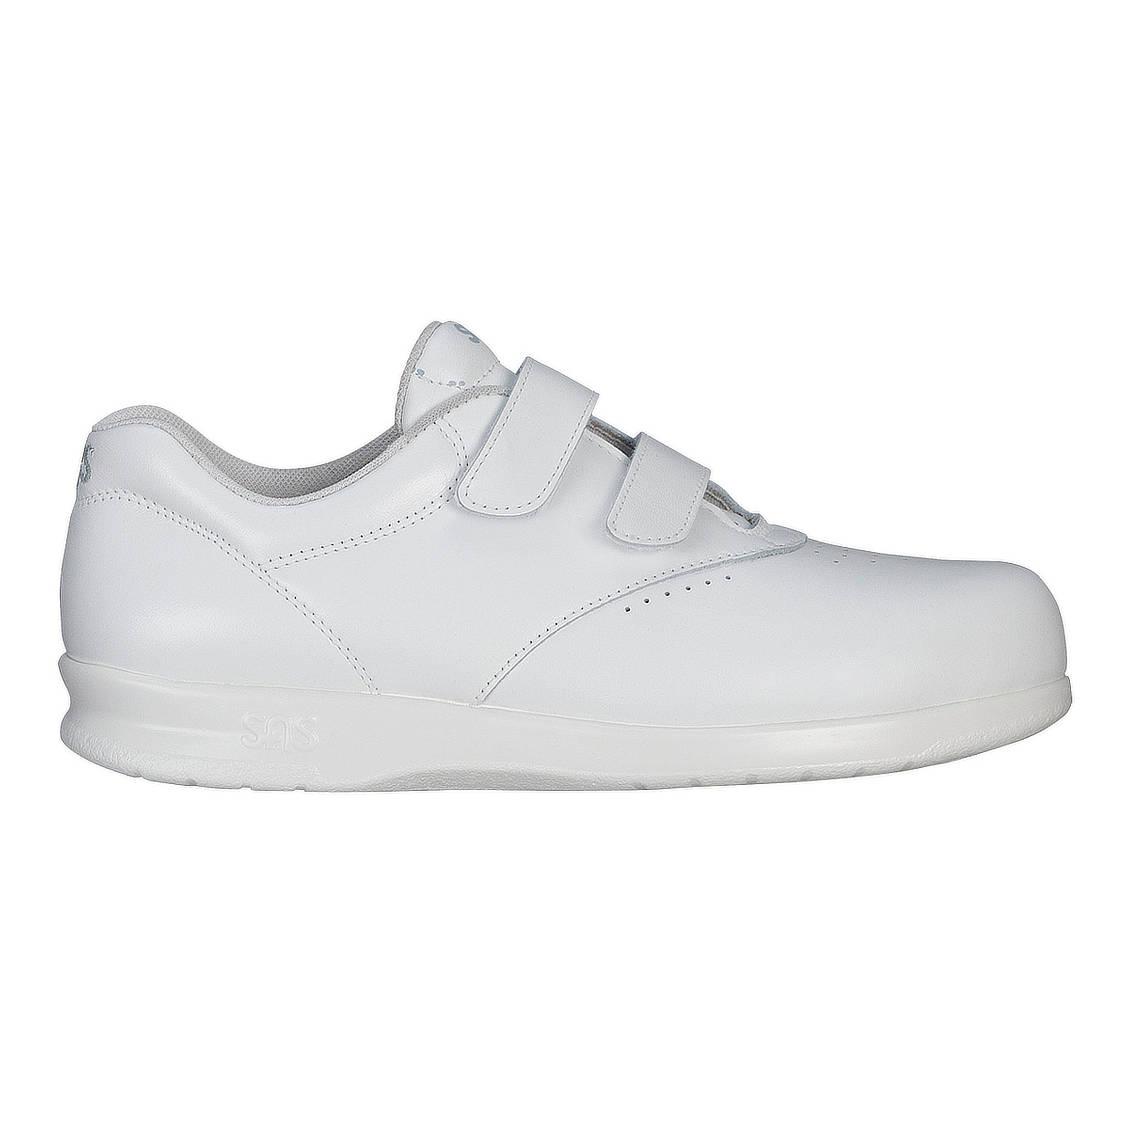 sas-womens-me-too-white-1580-001-3